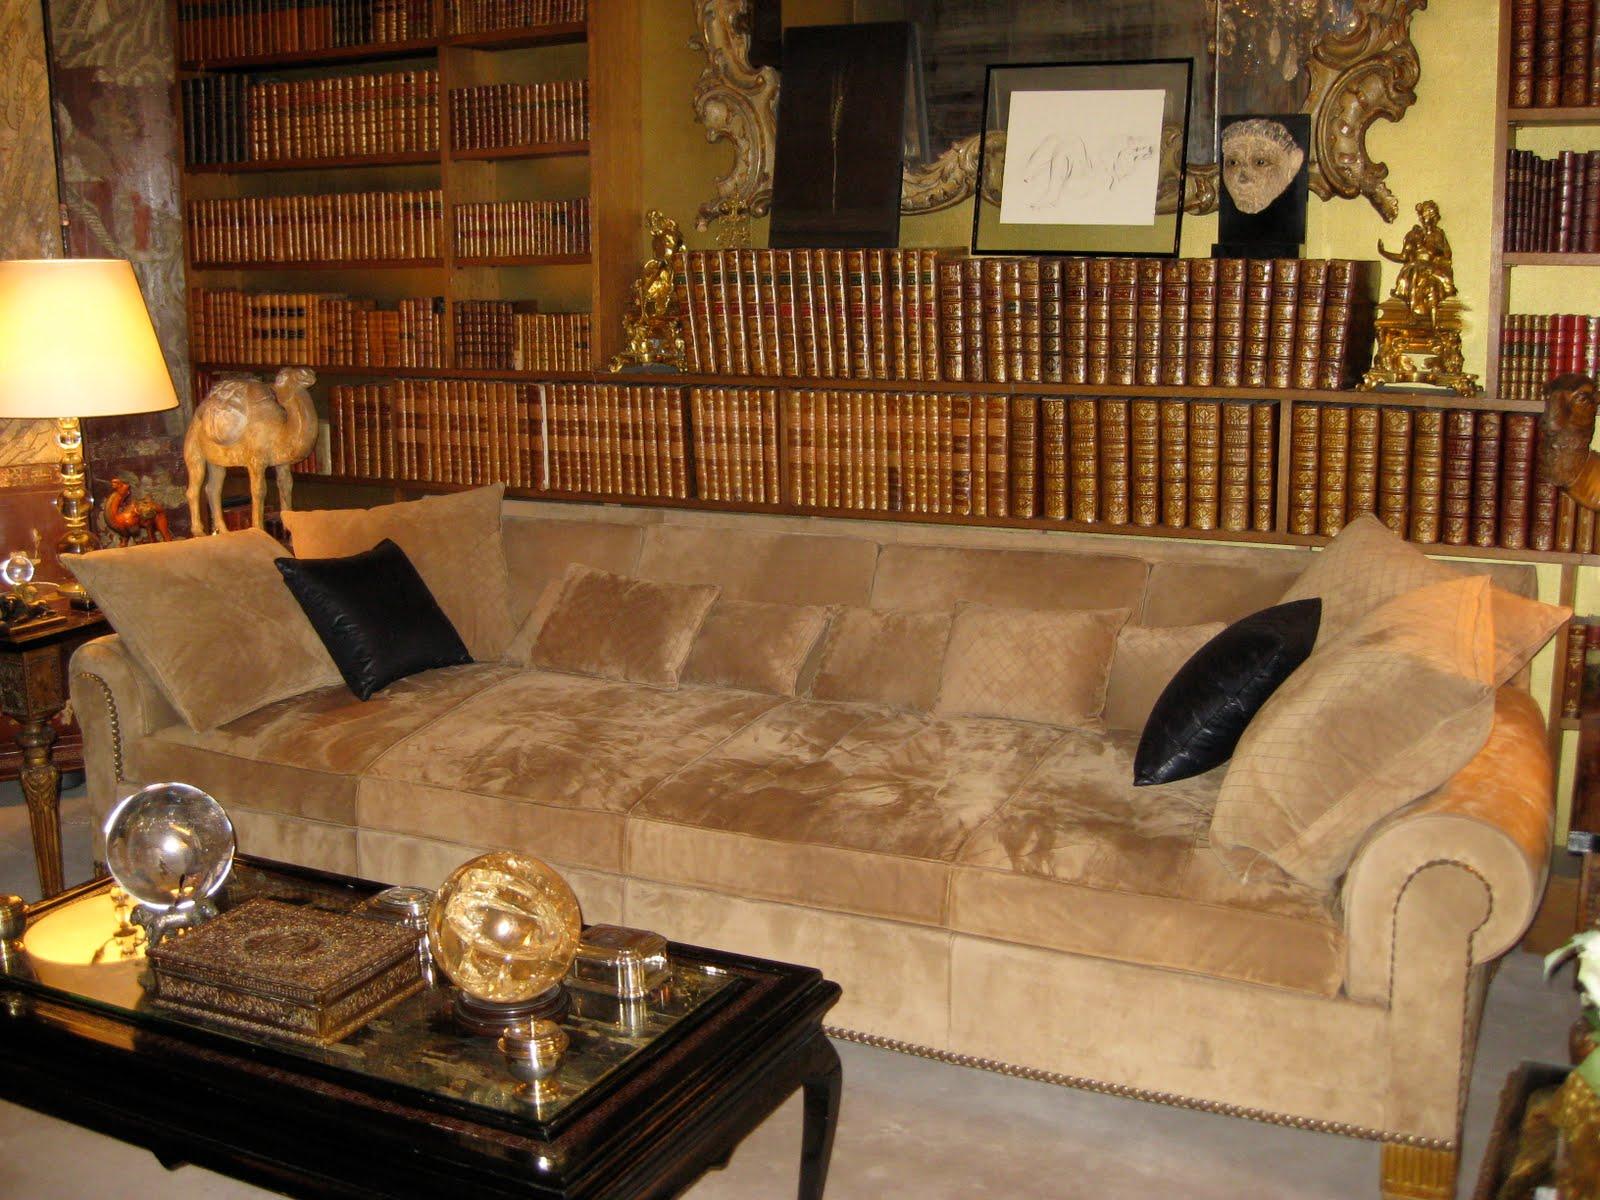 http://1.bp.blogspot.com/_L4KH11-8DrQ/TATkQW6FpkI/AAAAAAAAAFY/bKGdqdjO-2M/s1600/sofa.JPG